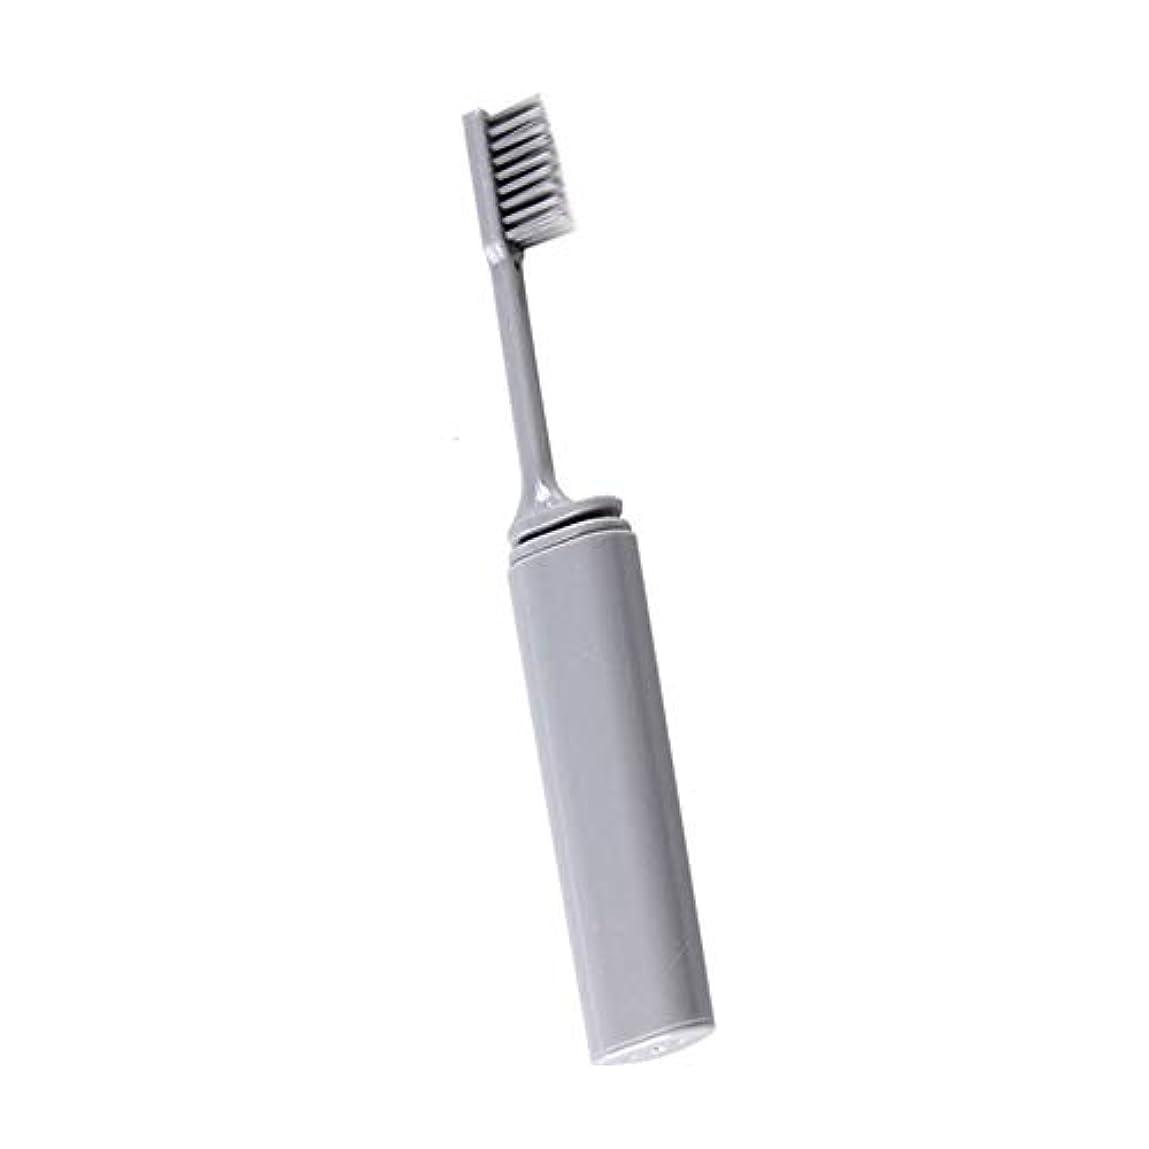 課すアルネショットOnior 旅行歯ブラシ 折りたたみ歯ブラシ 携帯歯ブラシ 外出 旅行用品, ソフト コンパクト歯ブラシ 便利 折りたたみ 耐久性 携帯用 灰色